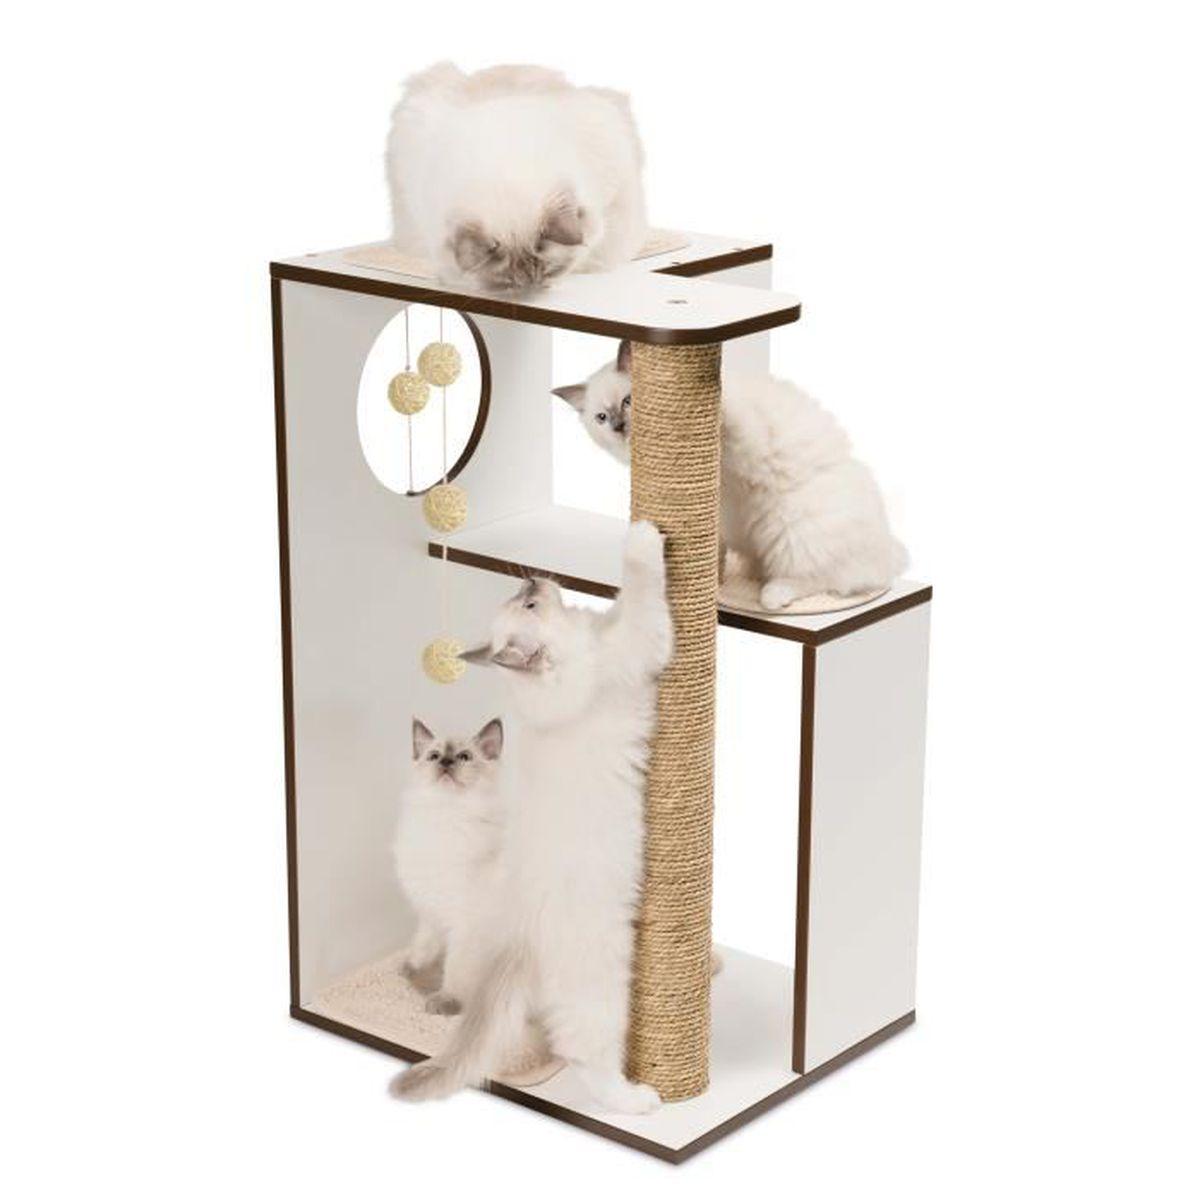 vesper arbre chat box l blanc achat vente arbre chat arbre chat box l cdiscount. Black Bedroom Furniture Sets. Home Design Ideas